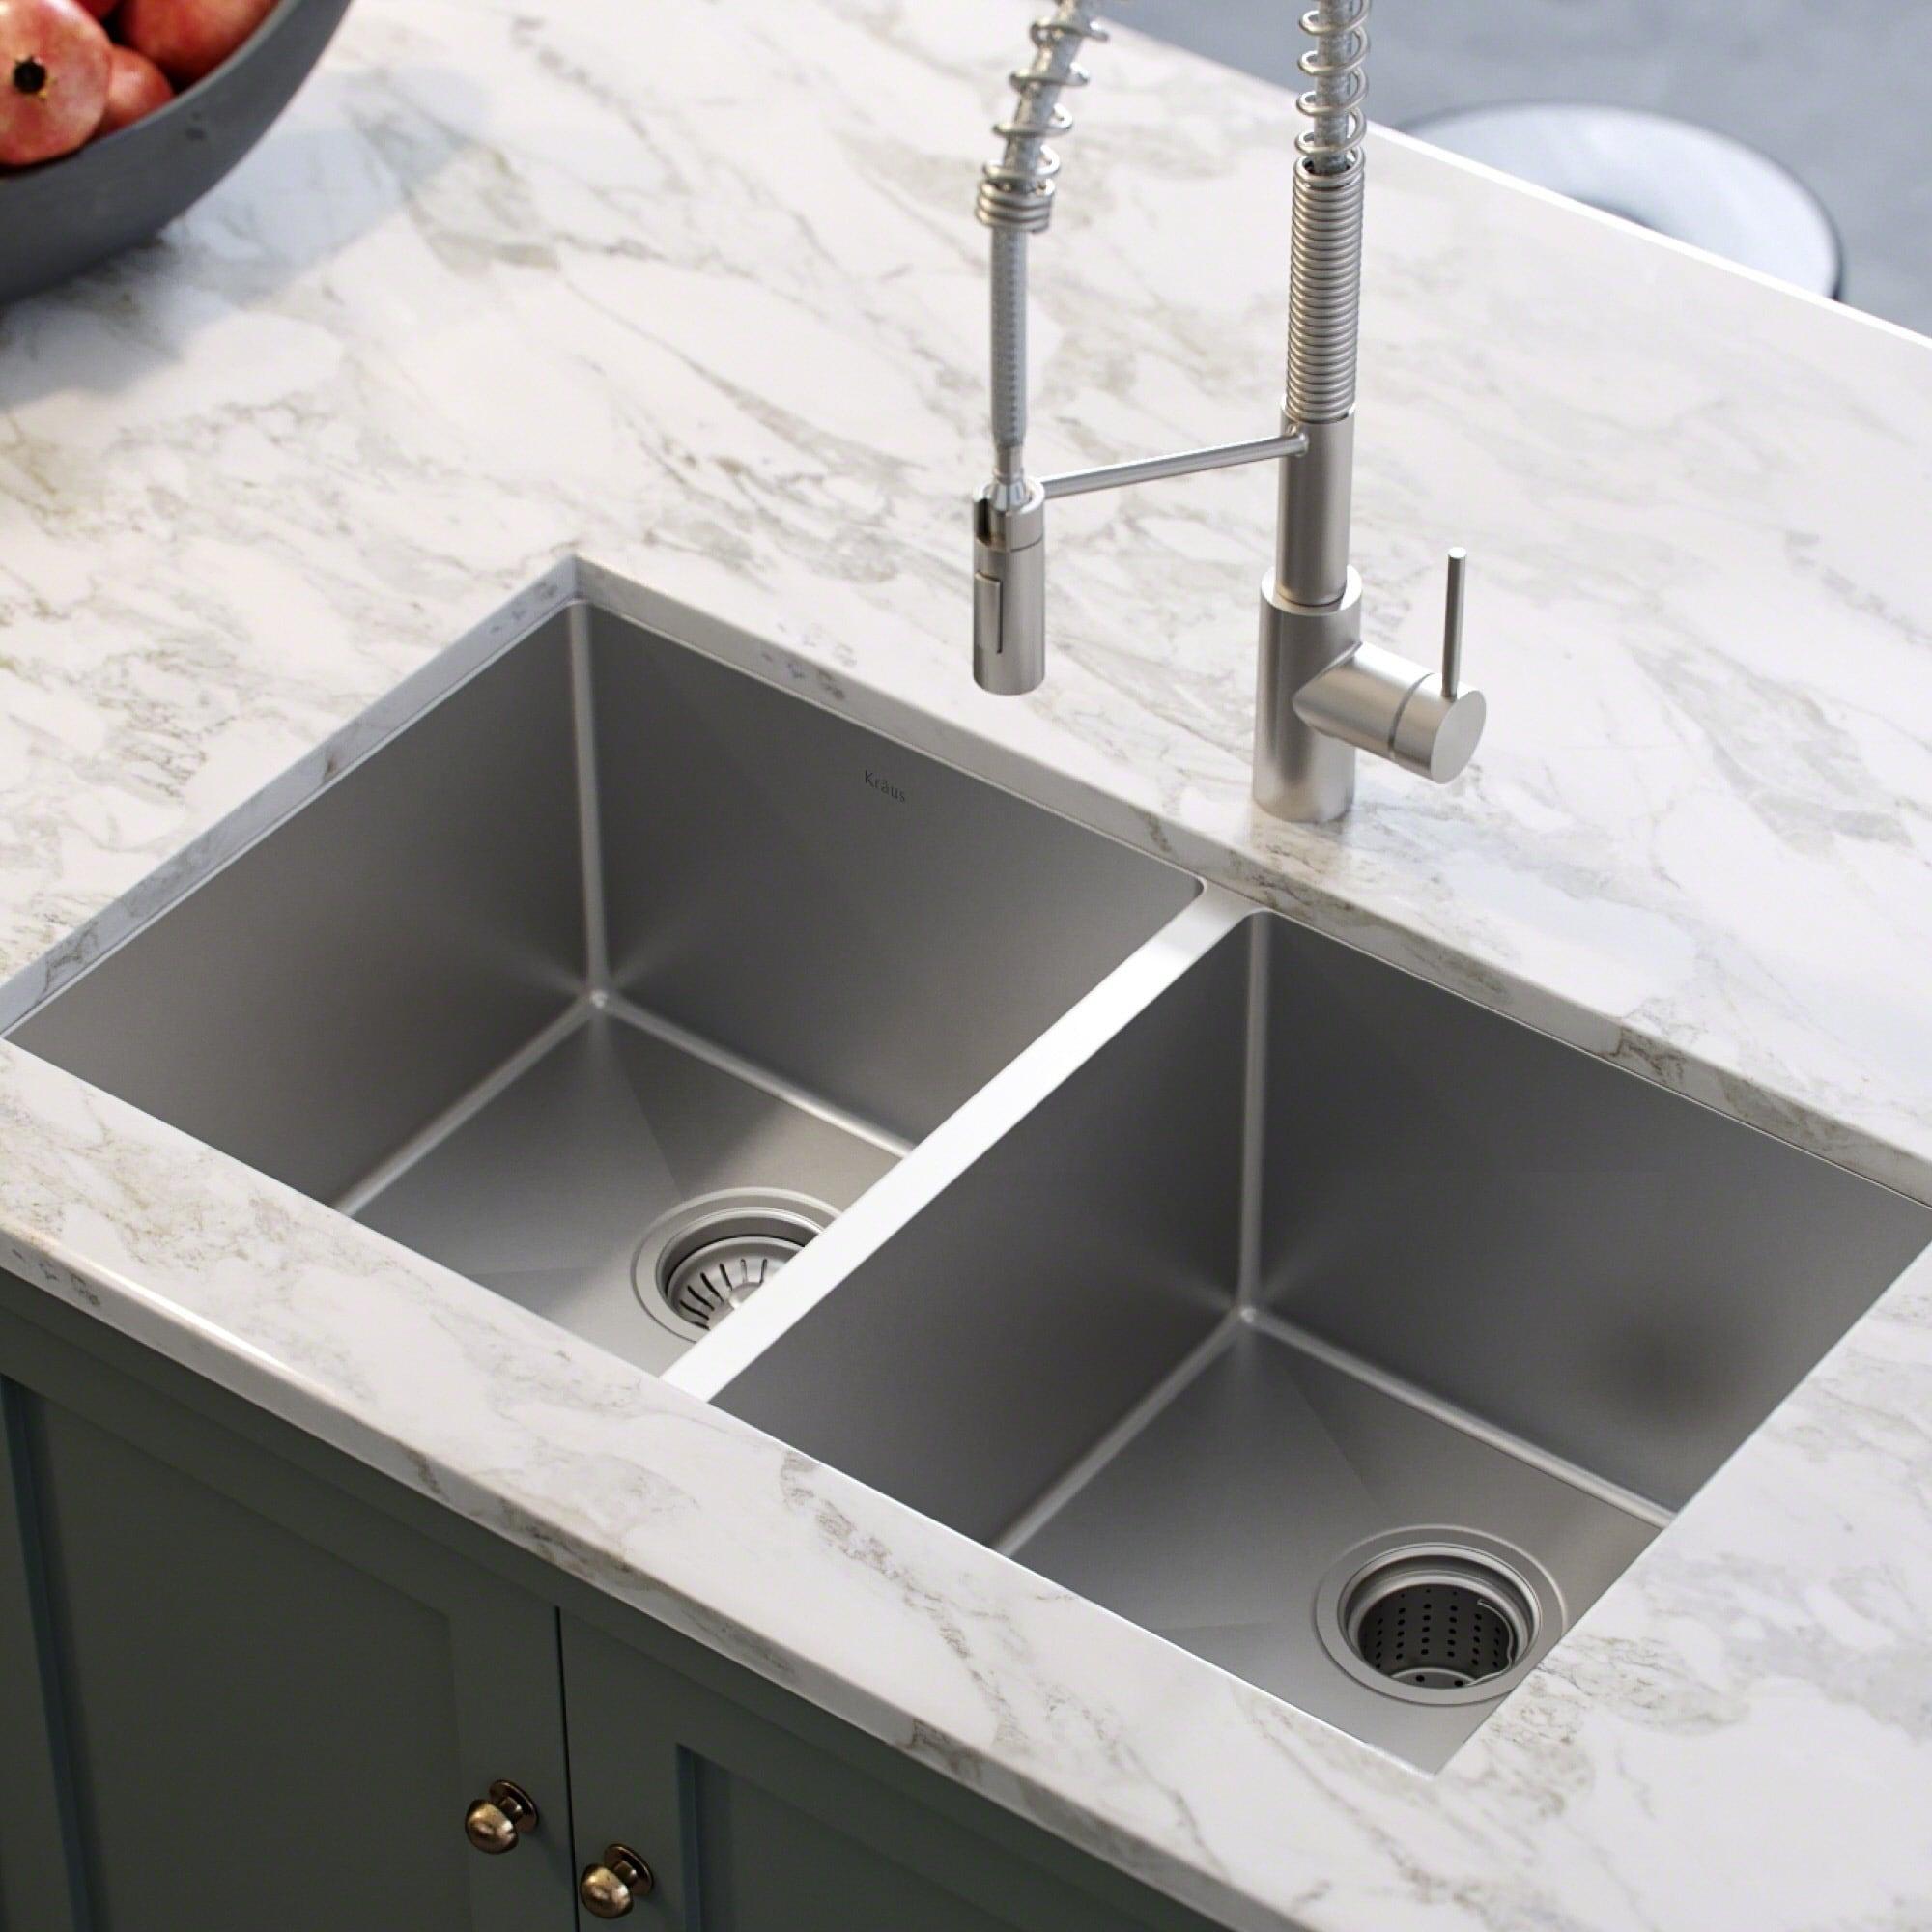 Kraus KHU102-33 Undermount 33 inch 2-Bowl Stainless Steel Kitchen Sink